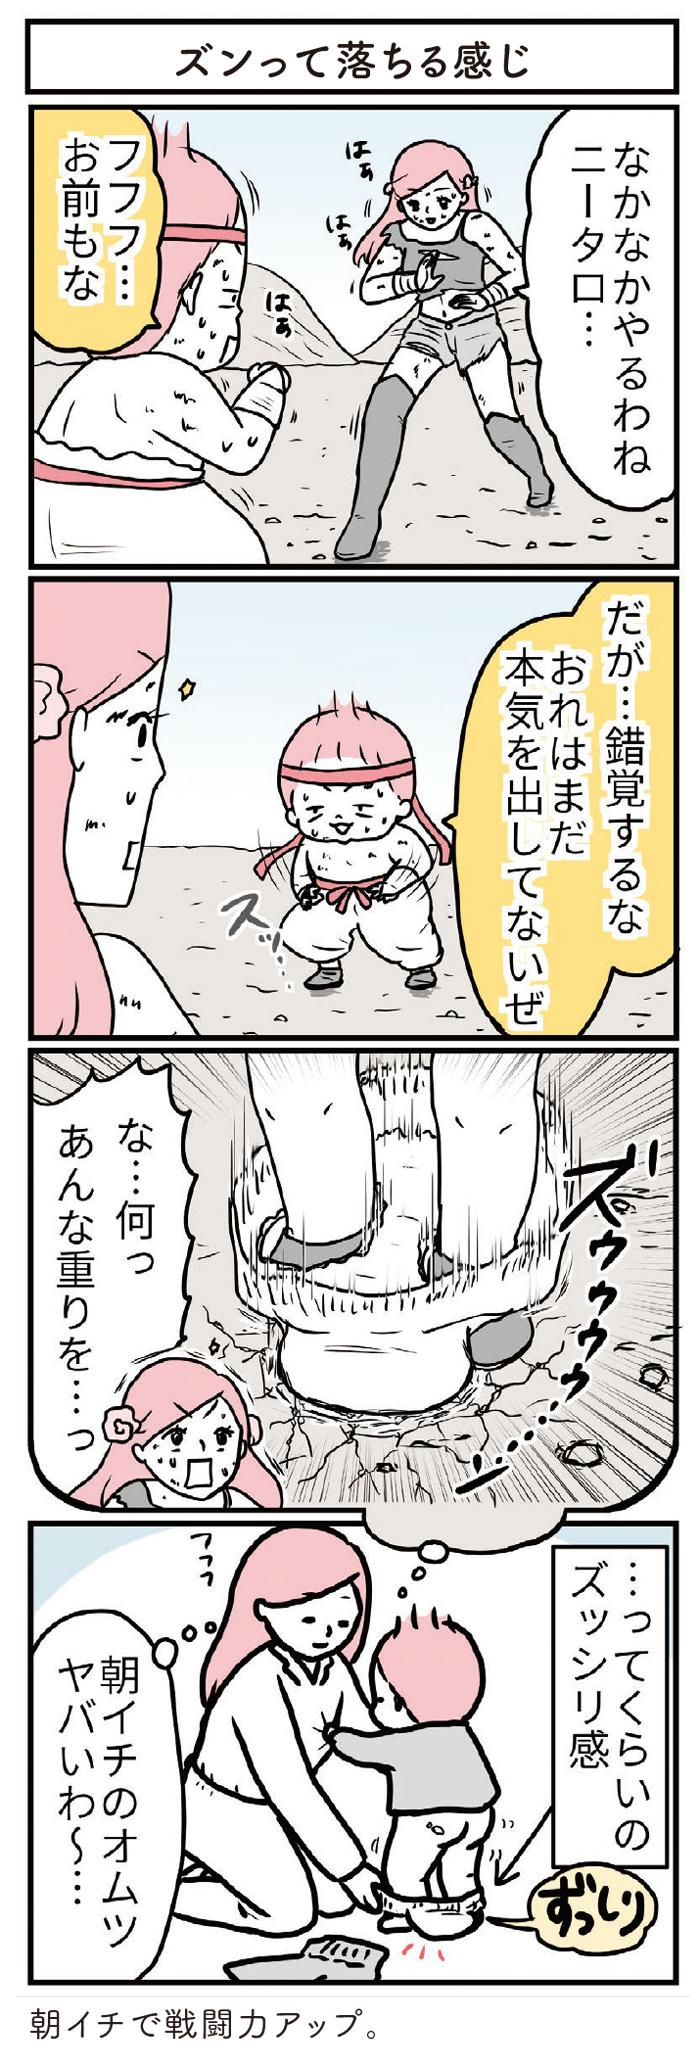 このポーズ、なんの真似でしょう♡正解にエッッ…?でもジワジワくる〜!の画像3